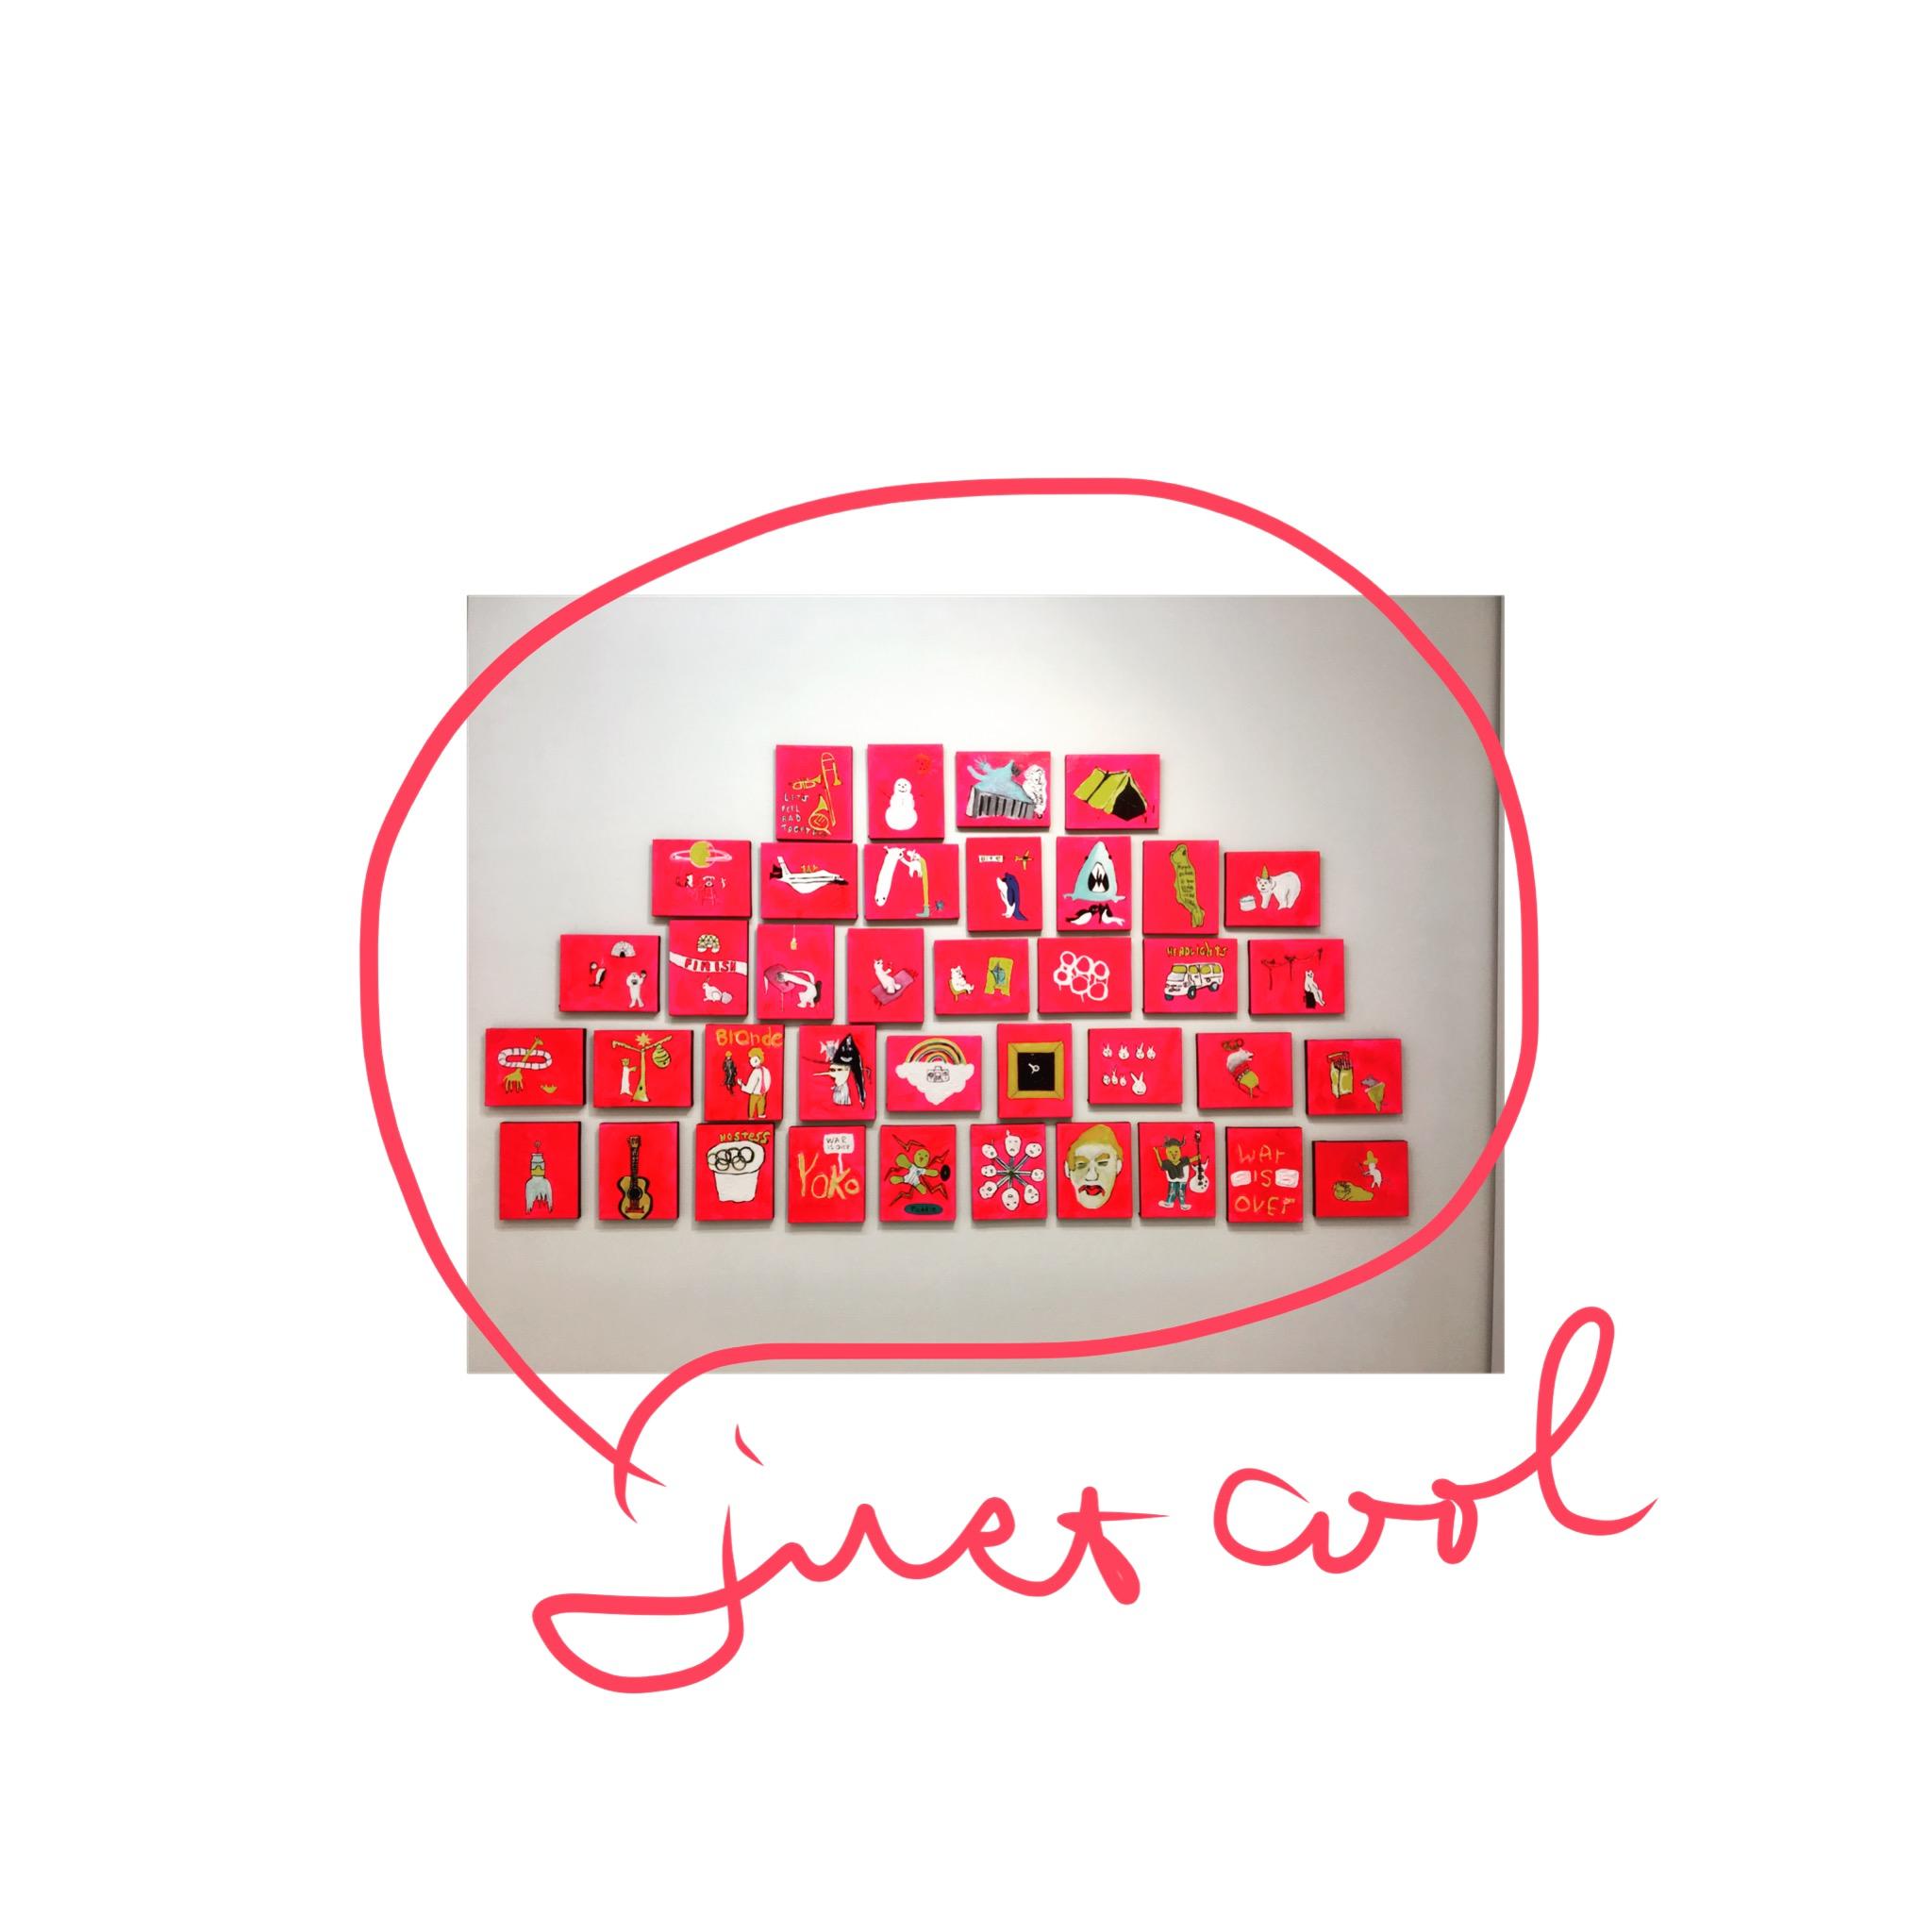 HONO UEHARA JUST IN CASE LIVE 2.JPG